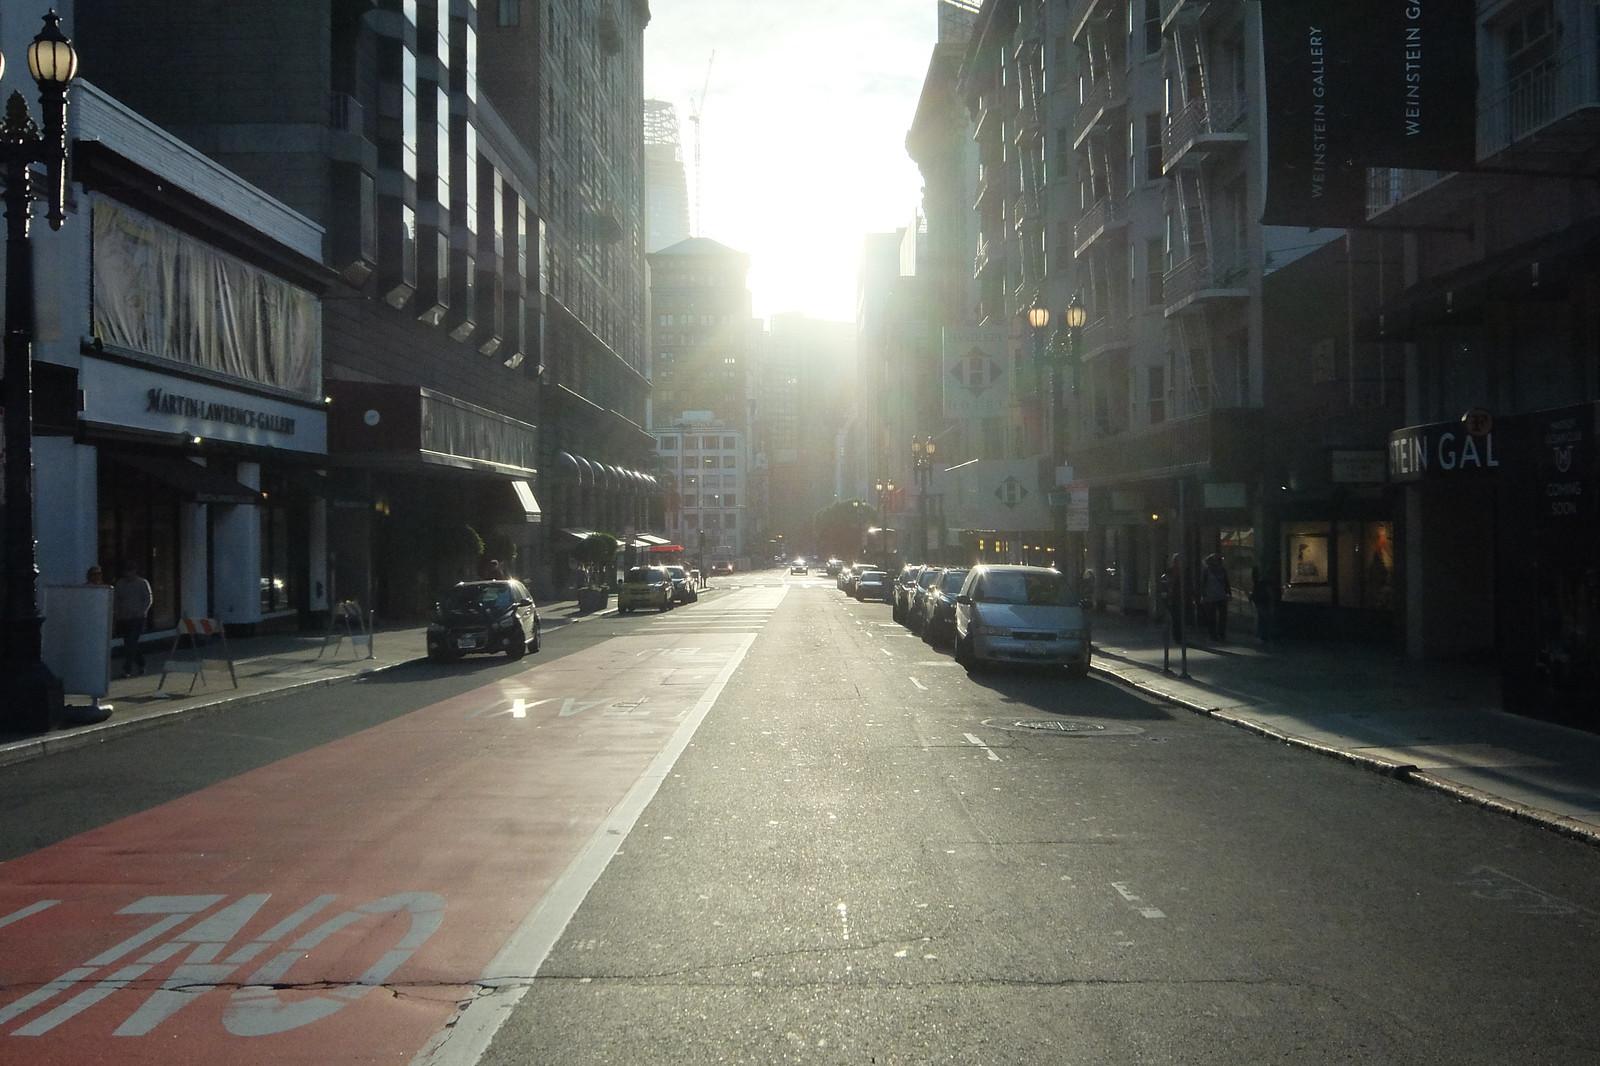 HOTEL G SAN FRANCISCO